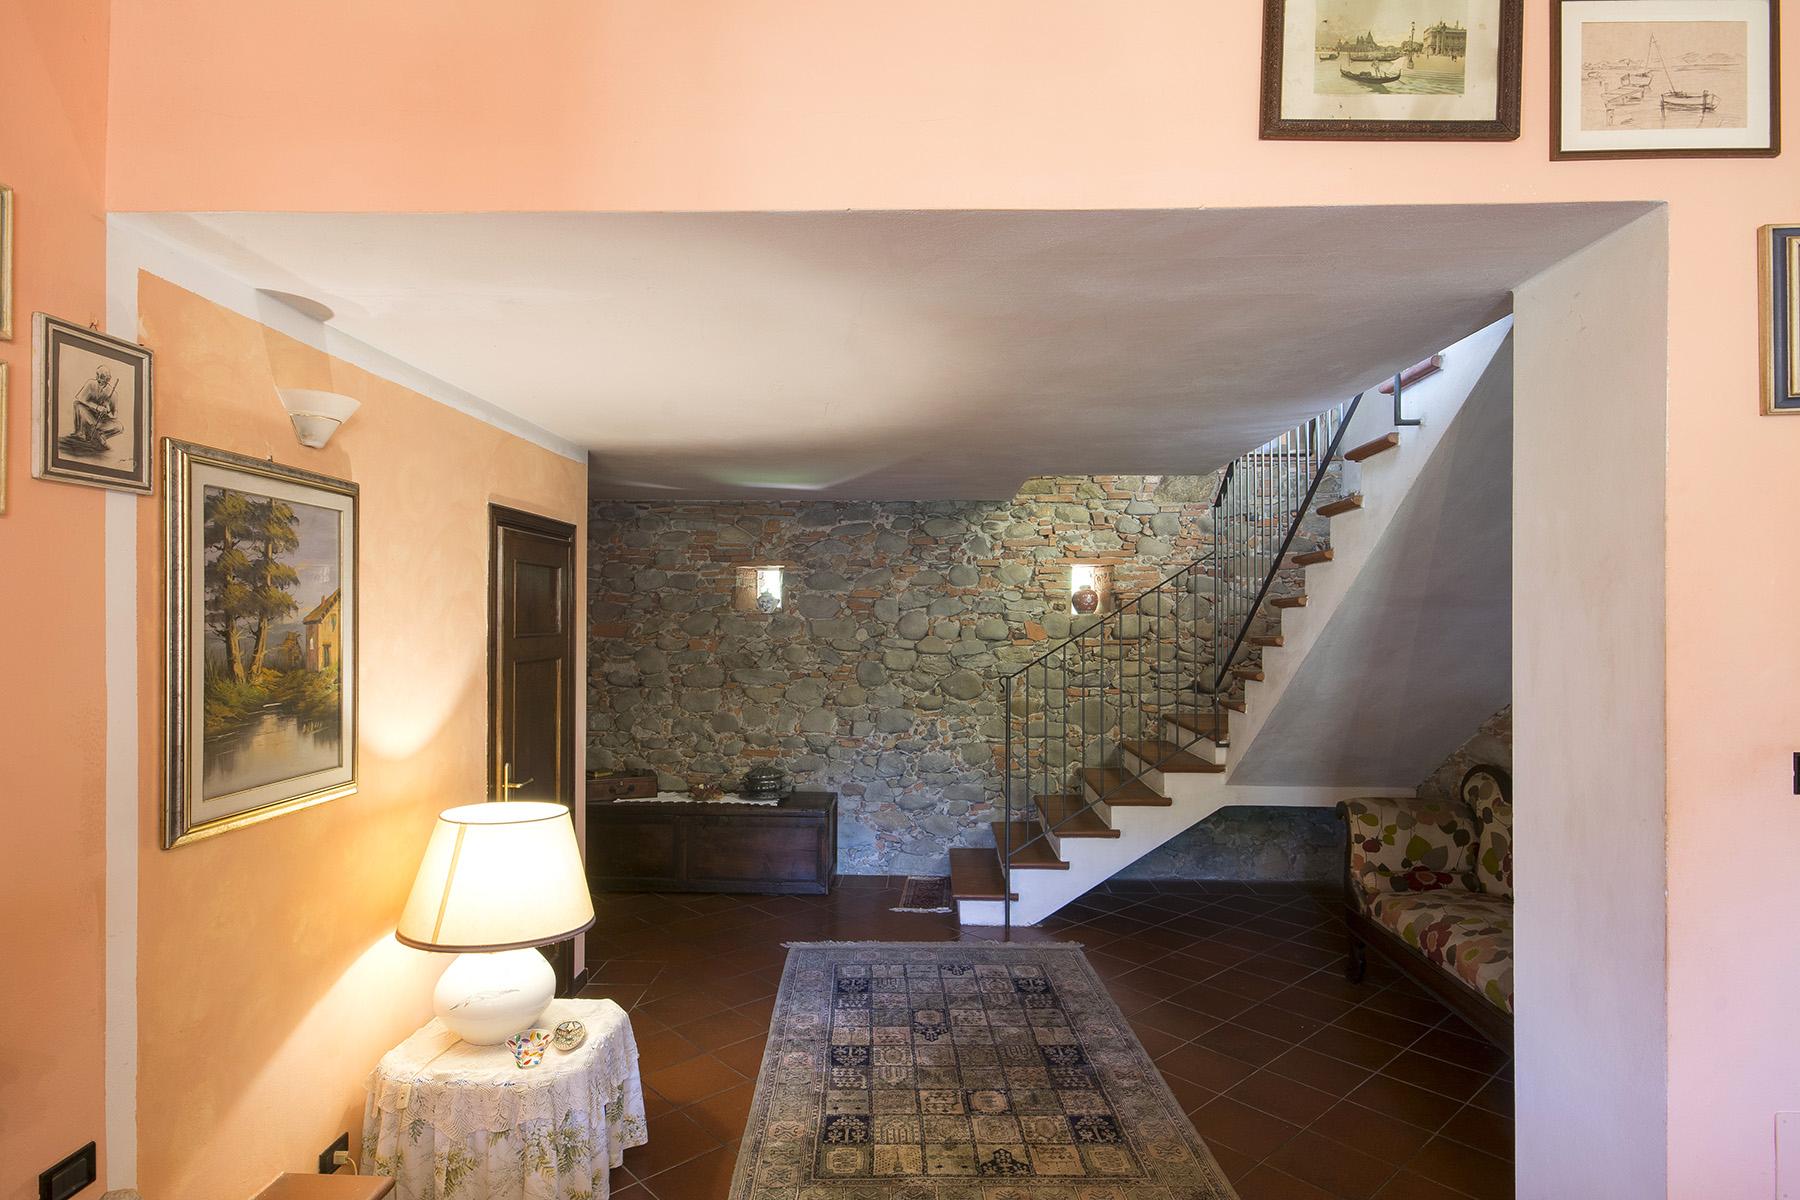 Rustico in Vendita a Capannori: 5 locali, 400 mq - Foto 10